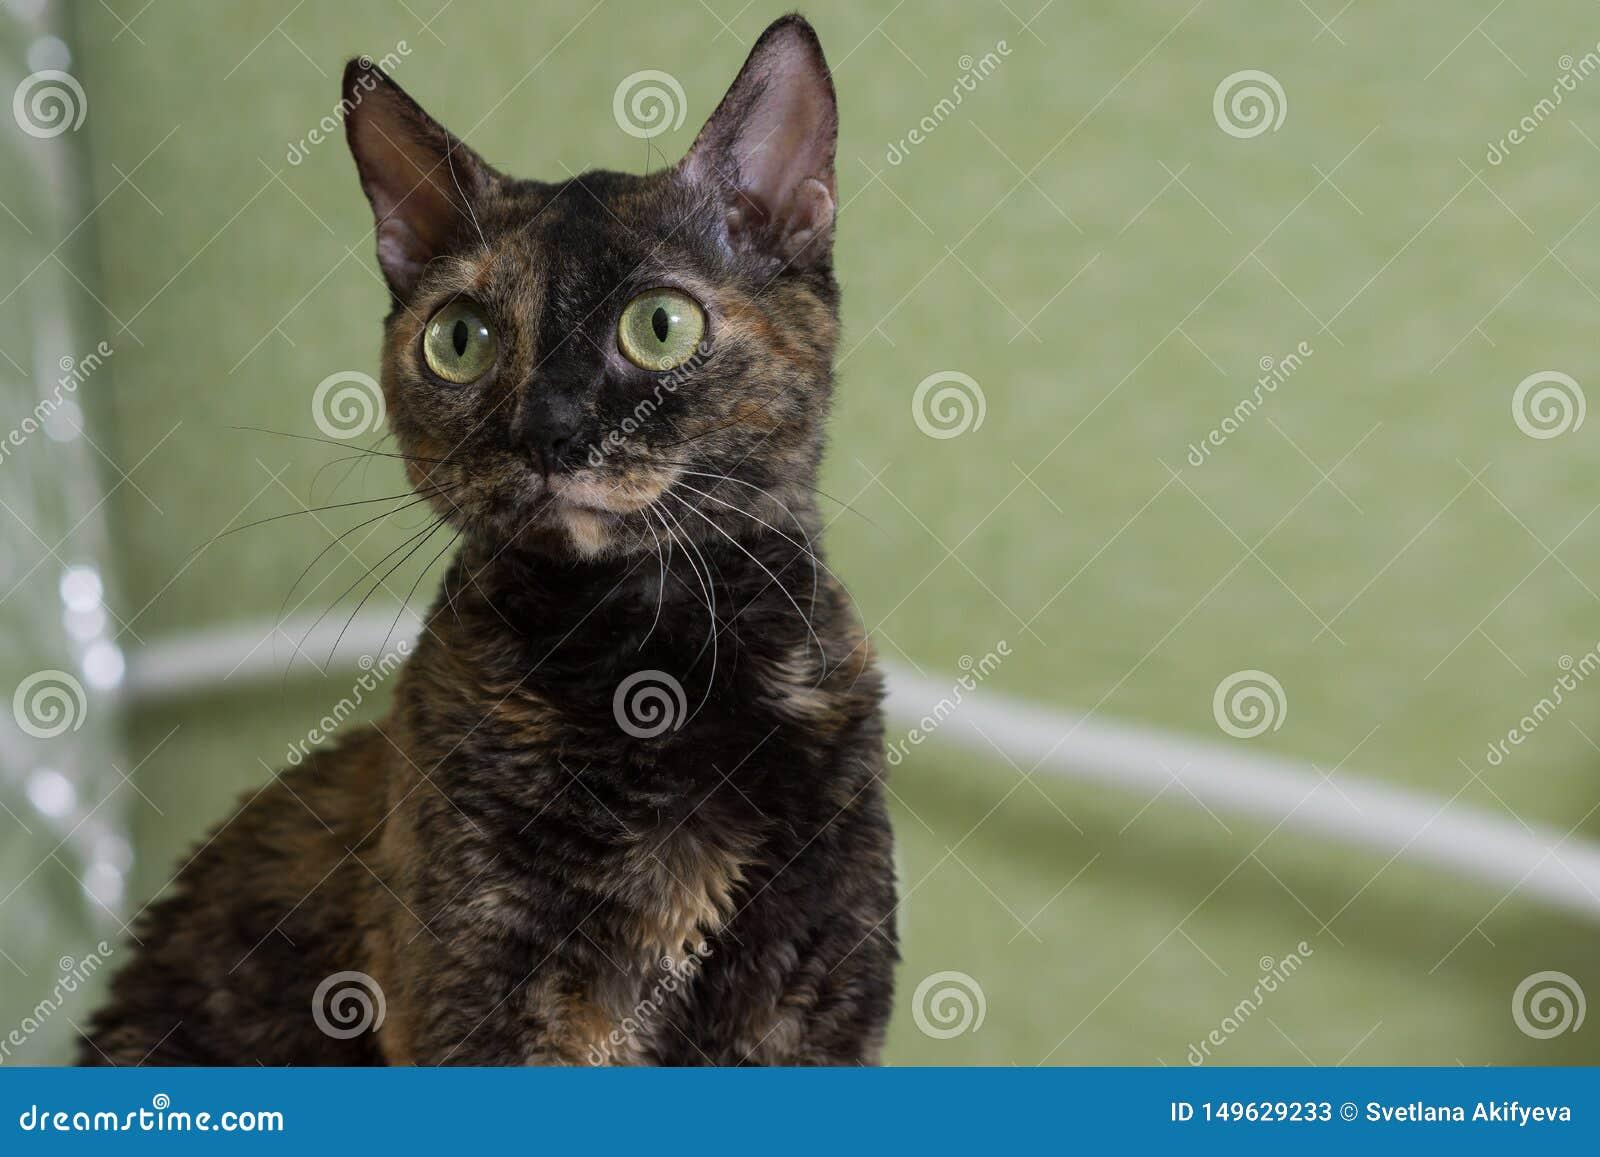 Powabny k?dzierzawy kot Ural Rex siedzi na spojrzeniach z du?ymi zielonymi oczami i ?